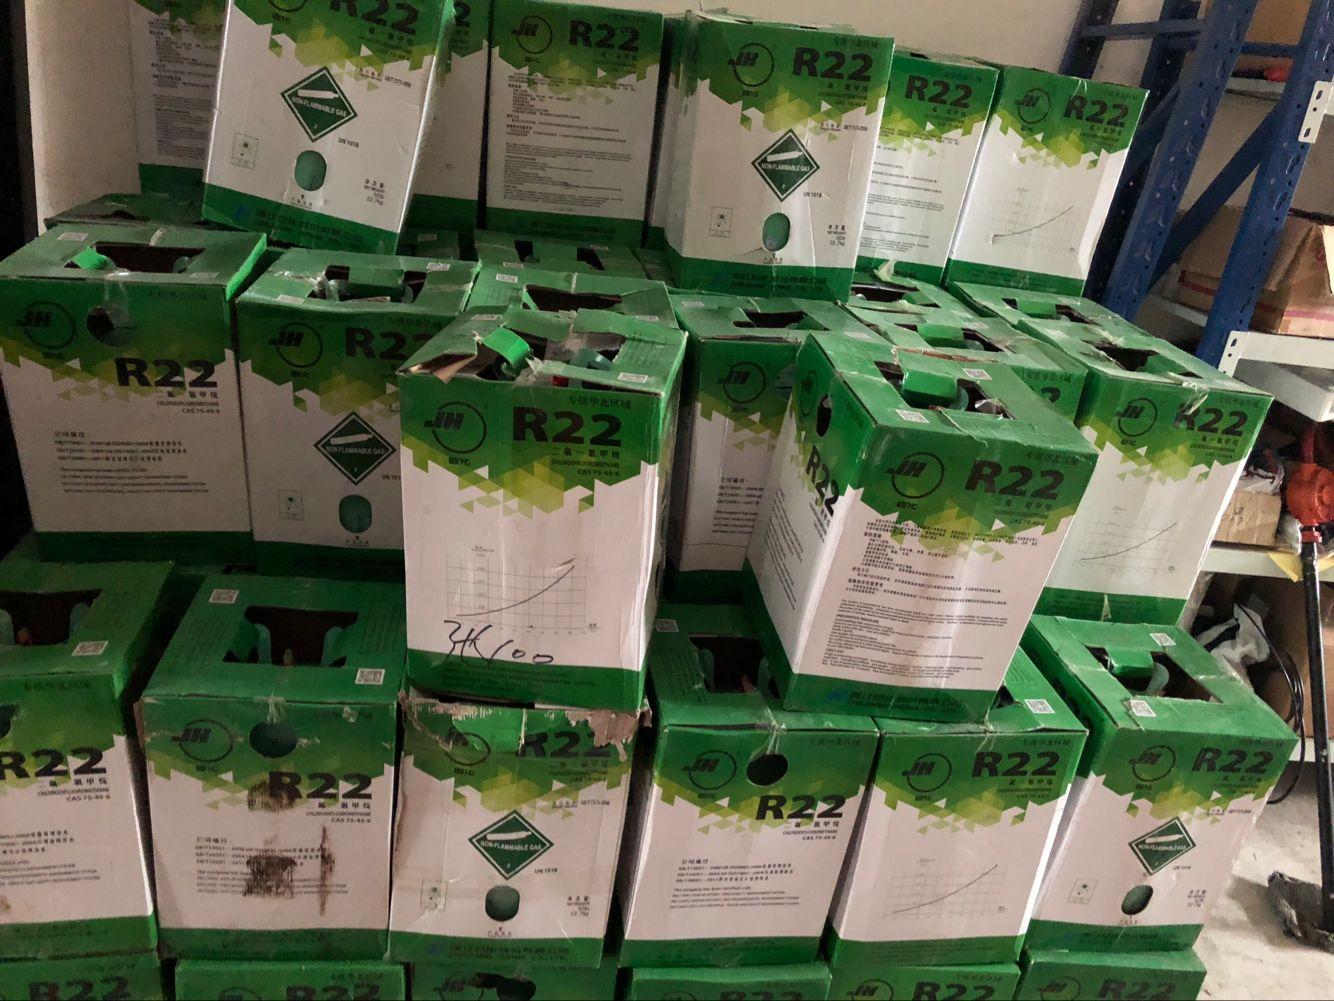 制冷剂R22 制冷压缩机专用   空调专用冷媒 冷干机专业制冷剂13.6Kg/22.7kg